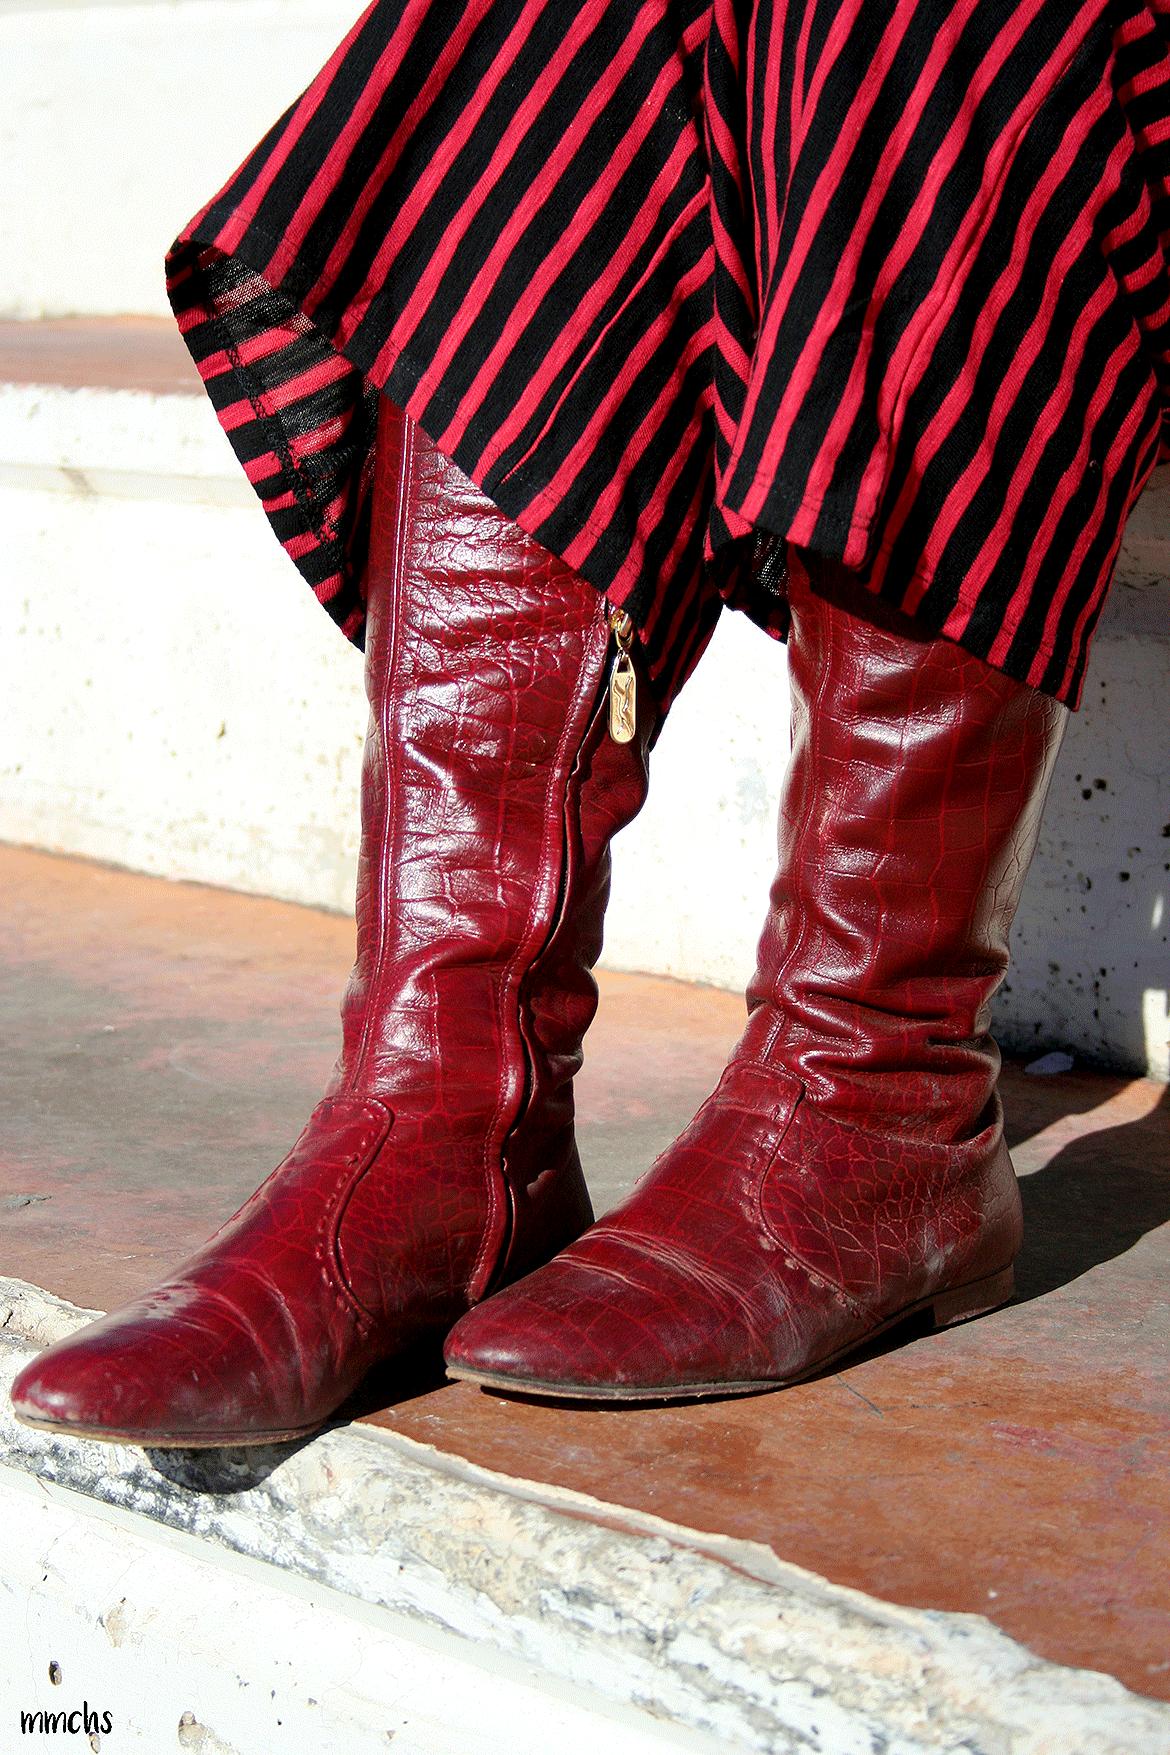 botas rojas altas de mujer